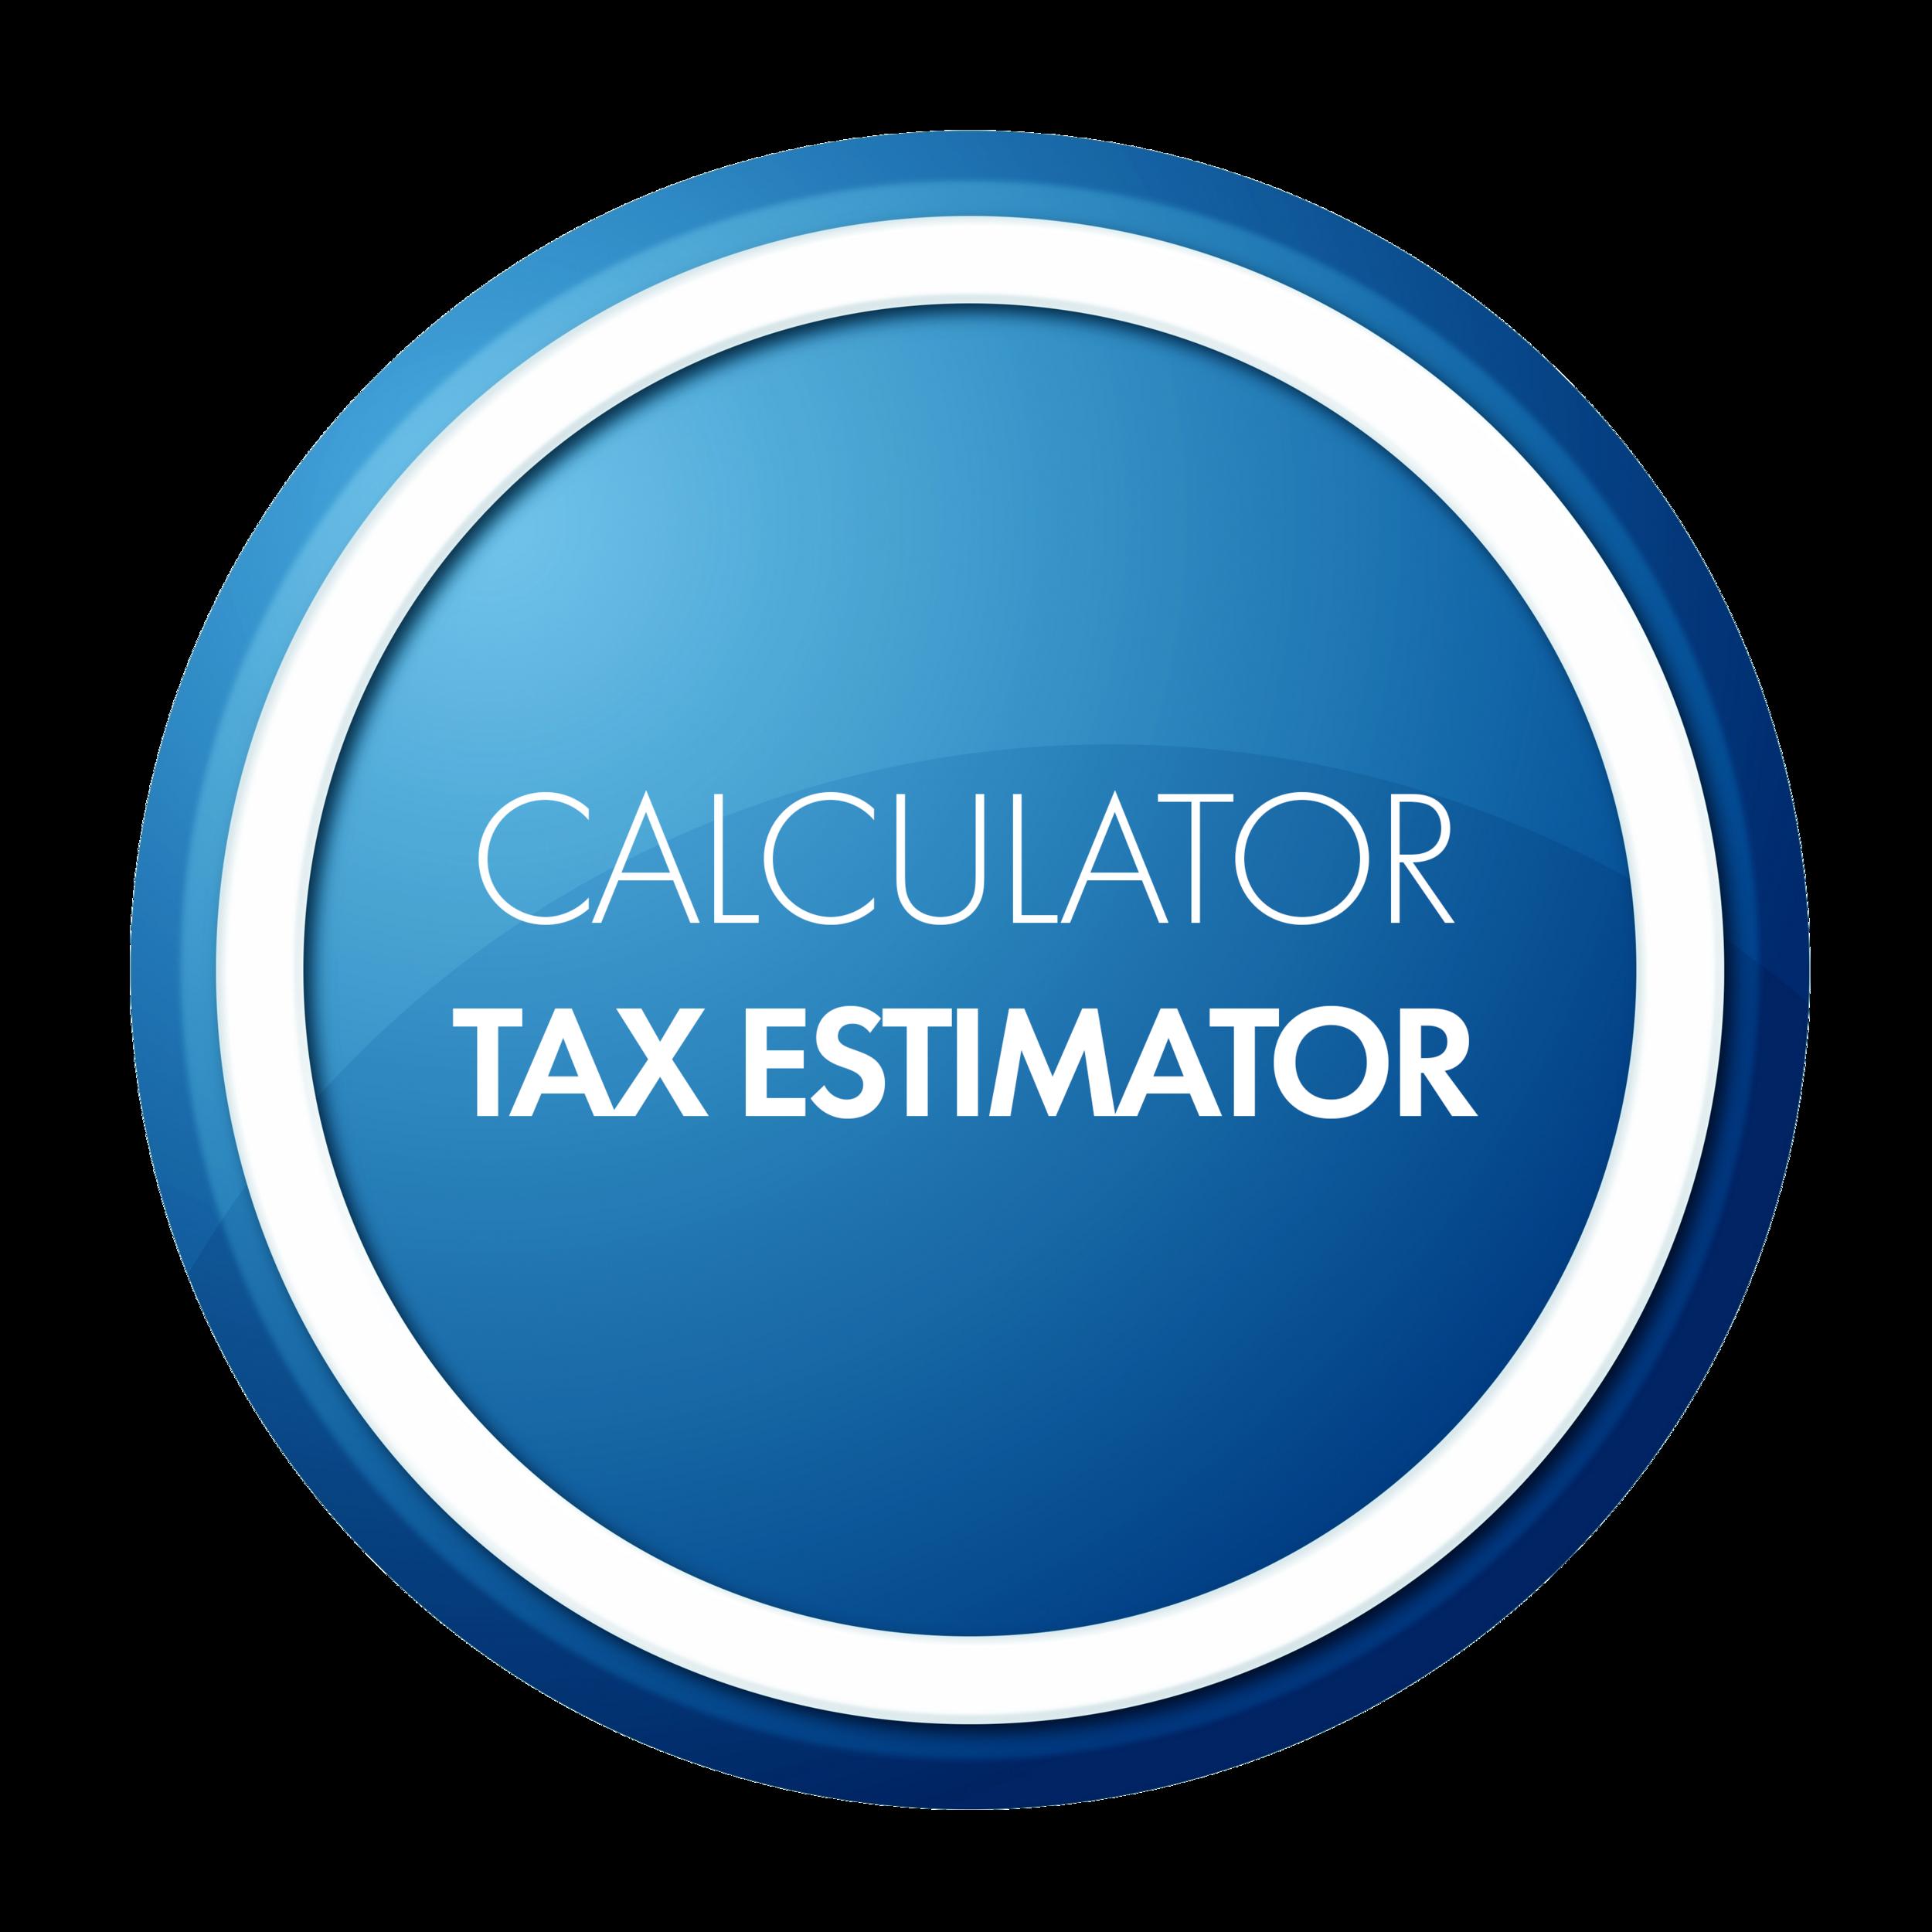 Tax Estimator Calculator